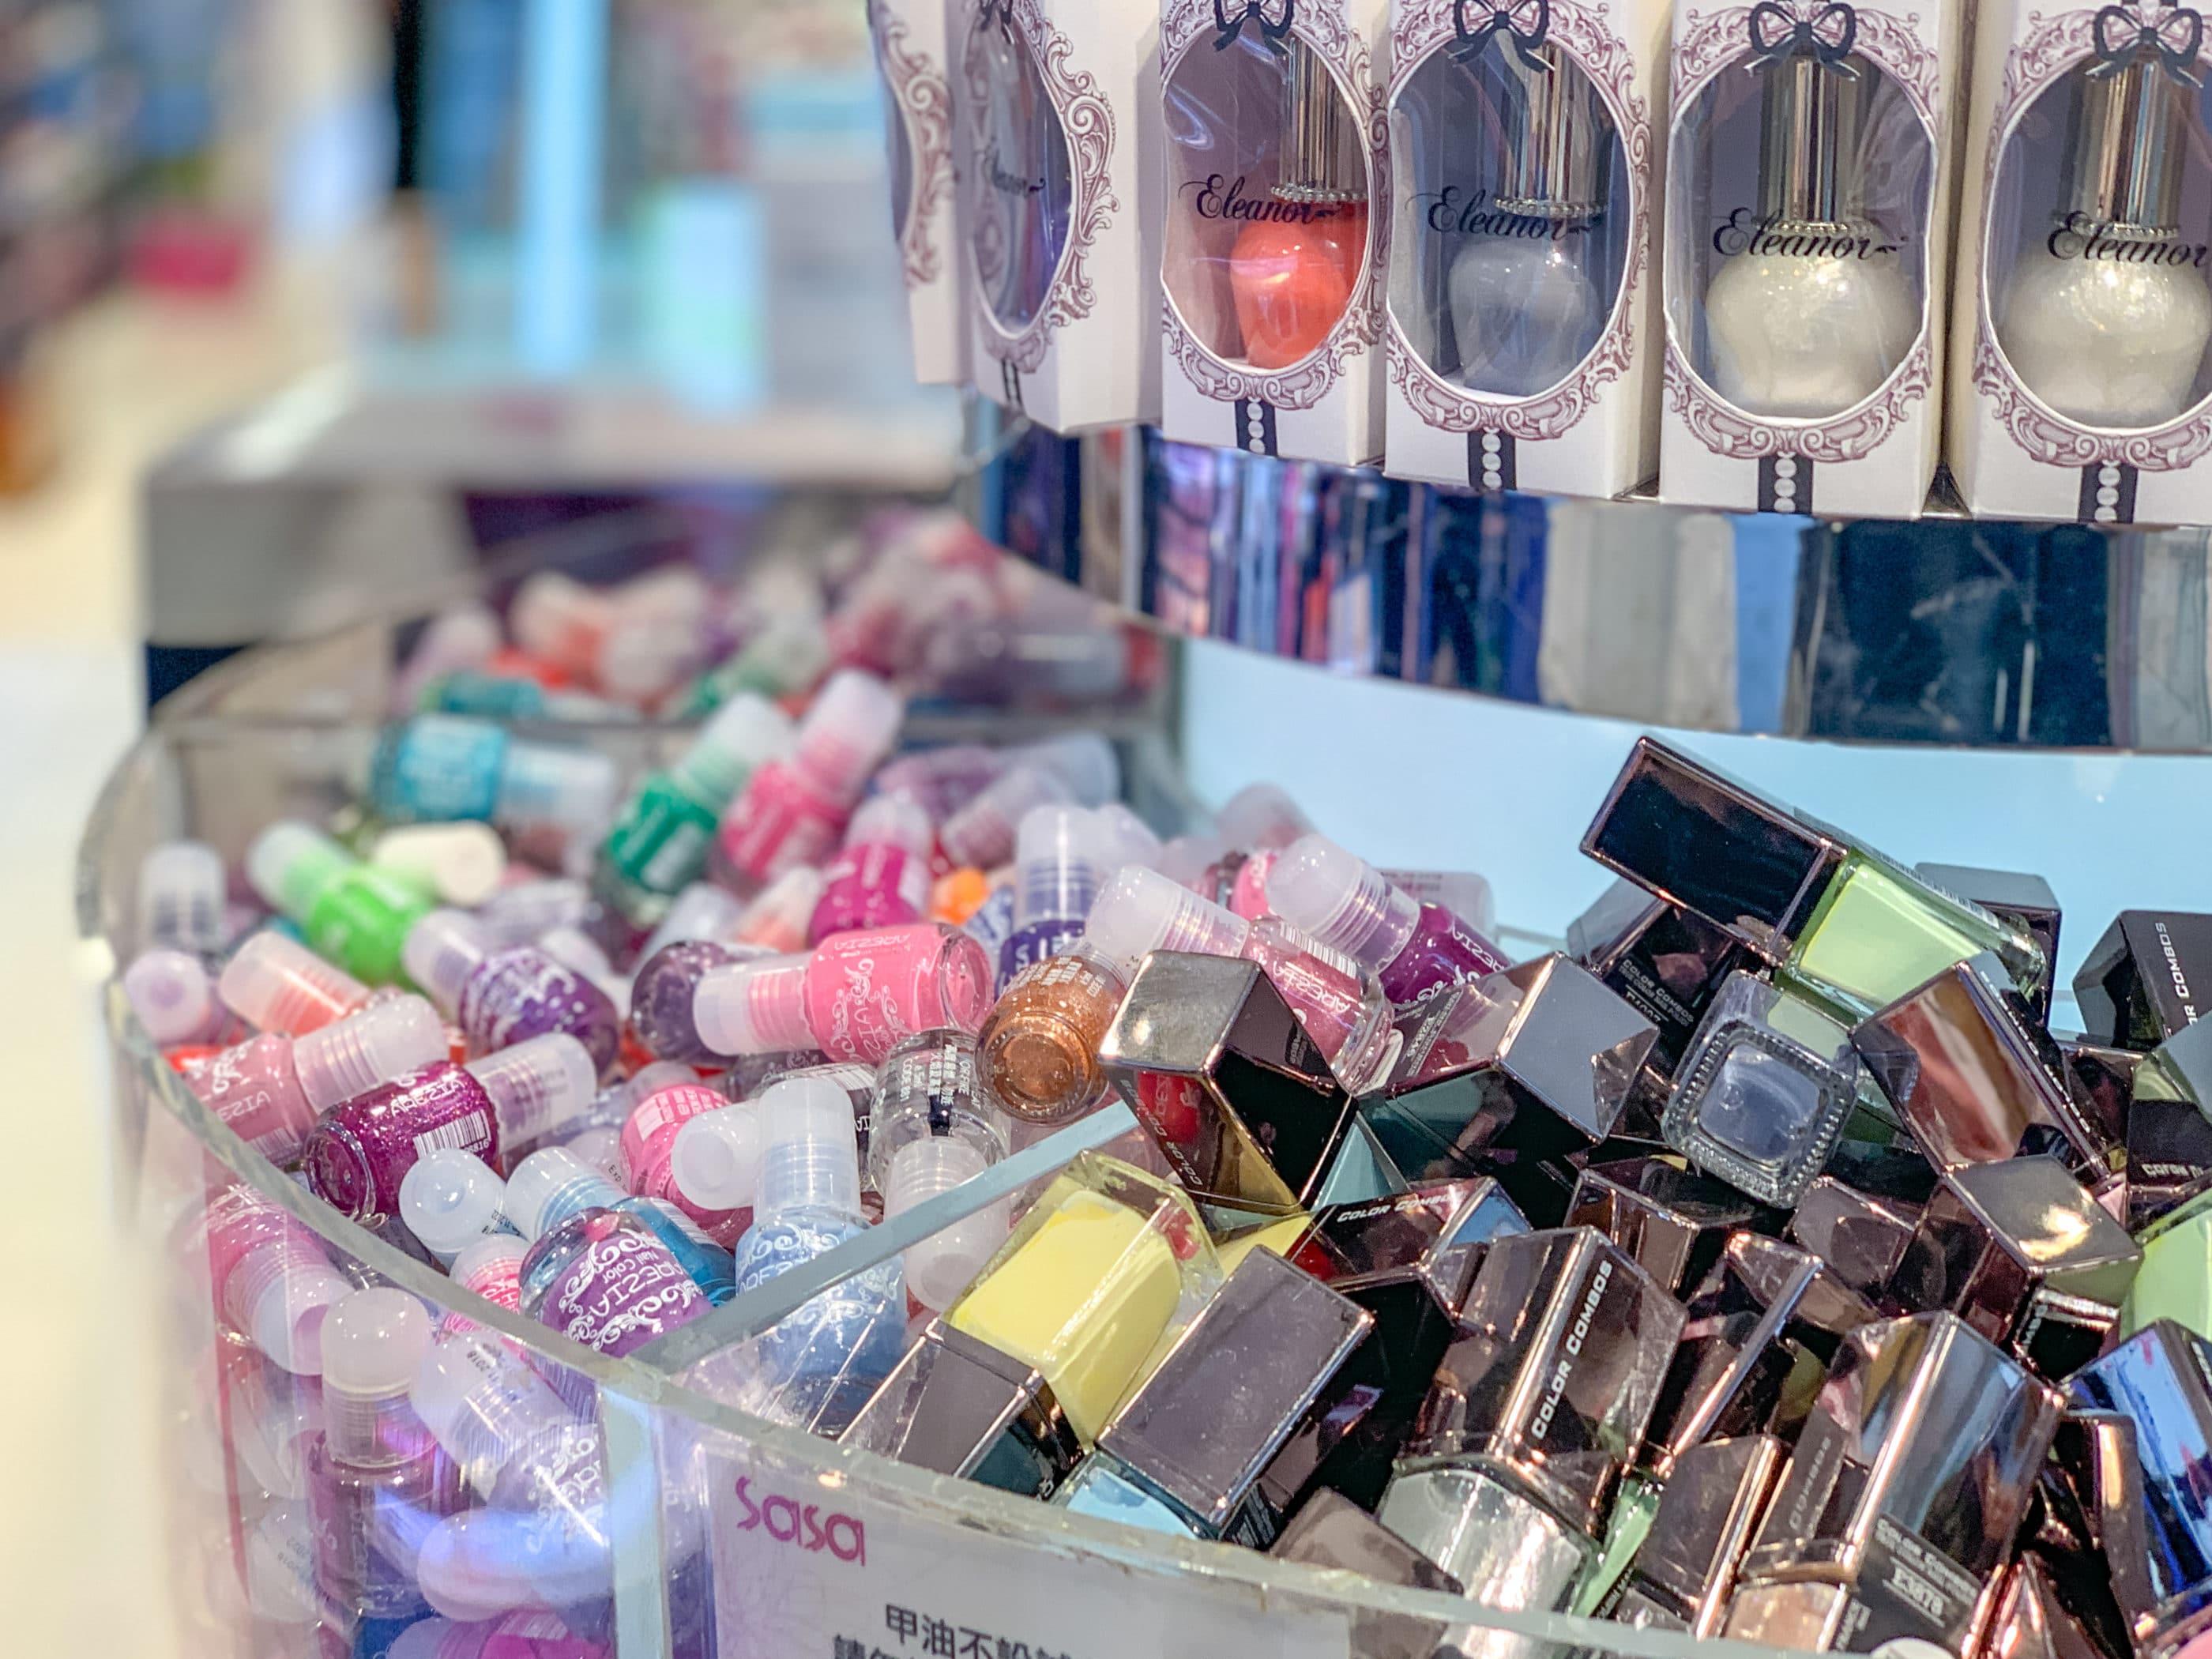 Hong Kong Shopping: Sasa Cosmetics